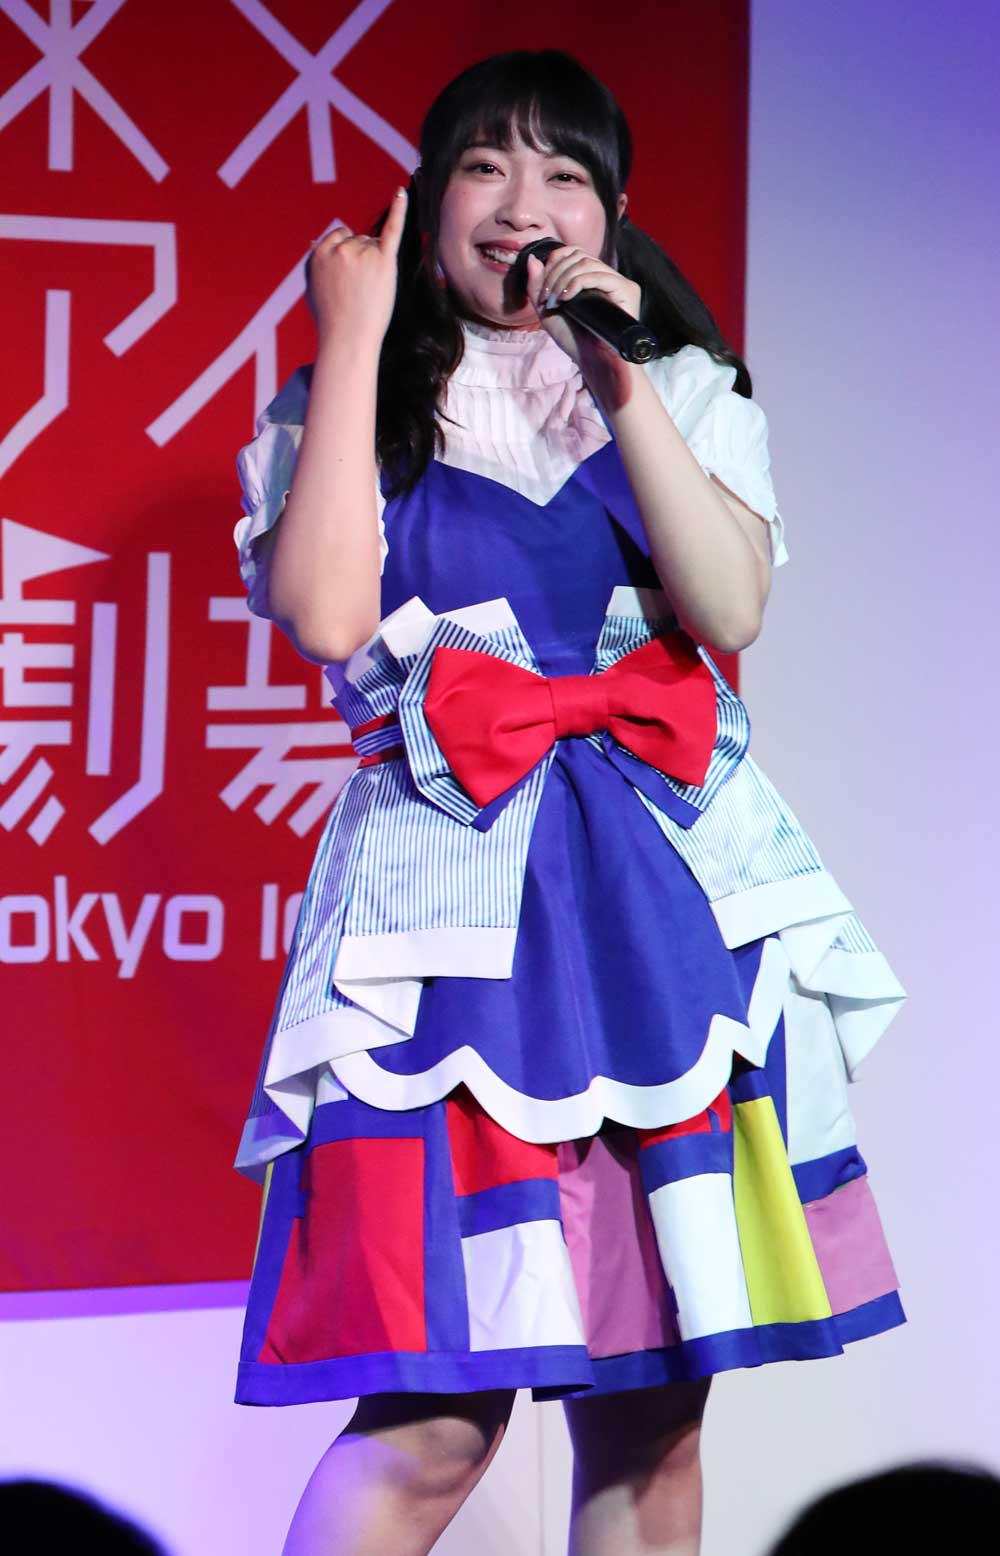 Images : 22番目の画像 - 「ミライスカート/安定&丁寧なパフォーマンスで名曲の数々を歌いきる。6月29日にはホームグラウンドの京都でフェスを開催」のアルバム - Stereo Sound ONLINE